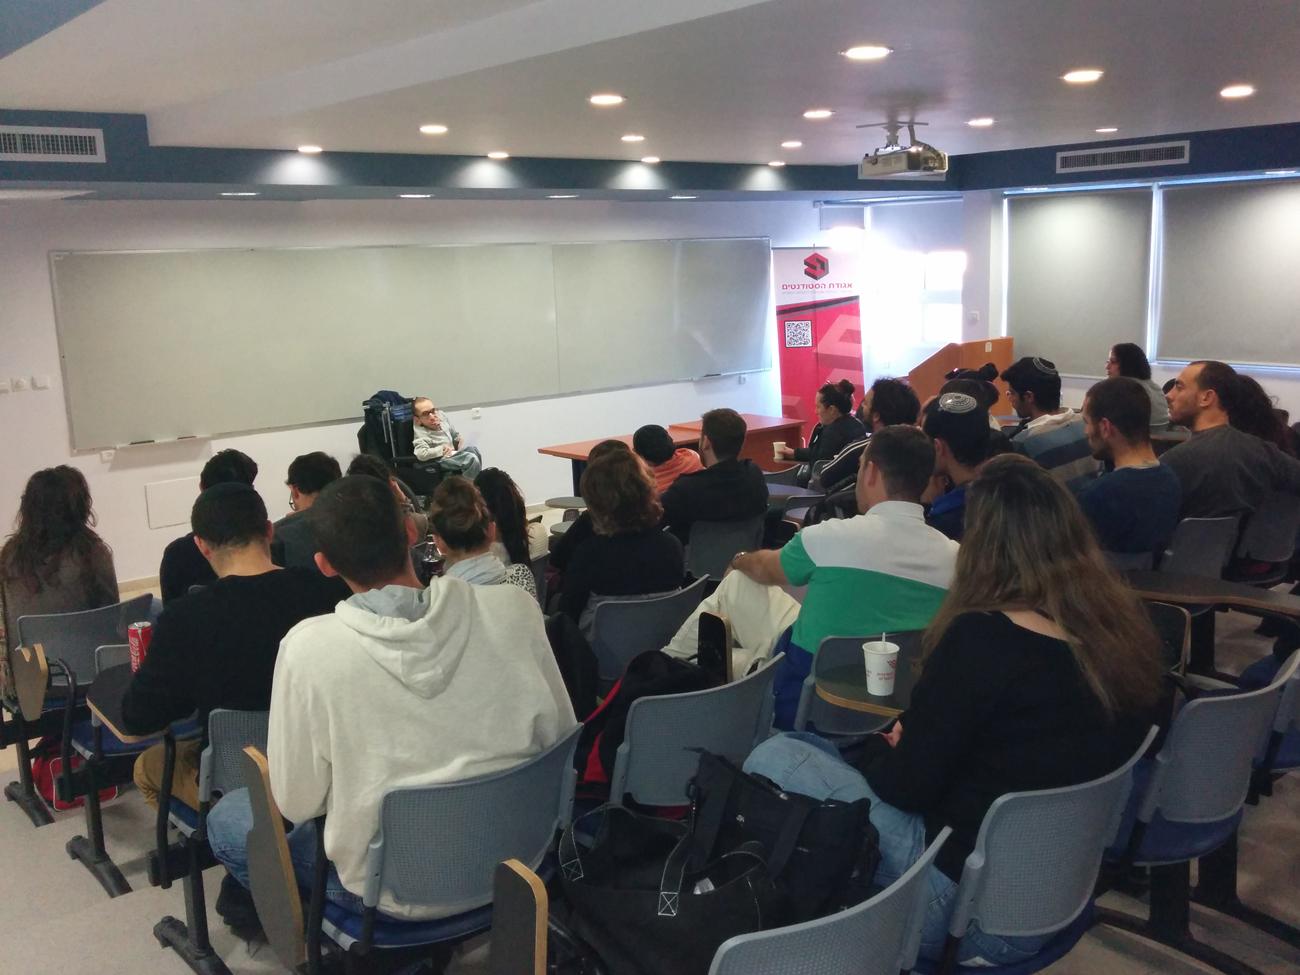 המכללה האקדמית להנדסה ירושלים